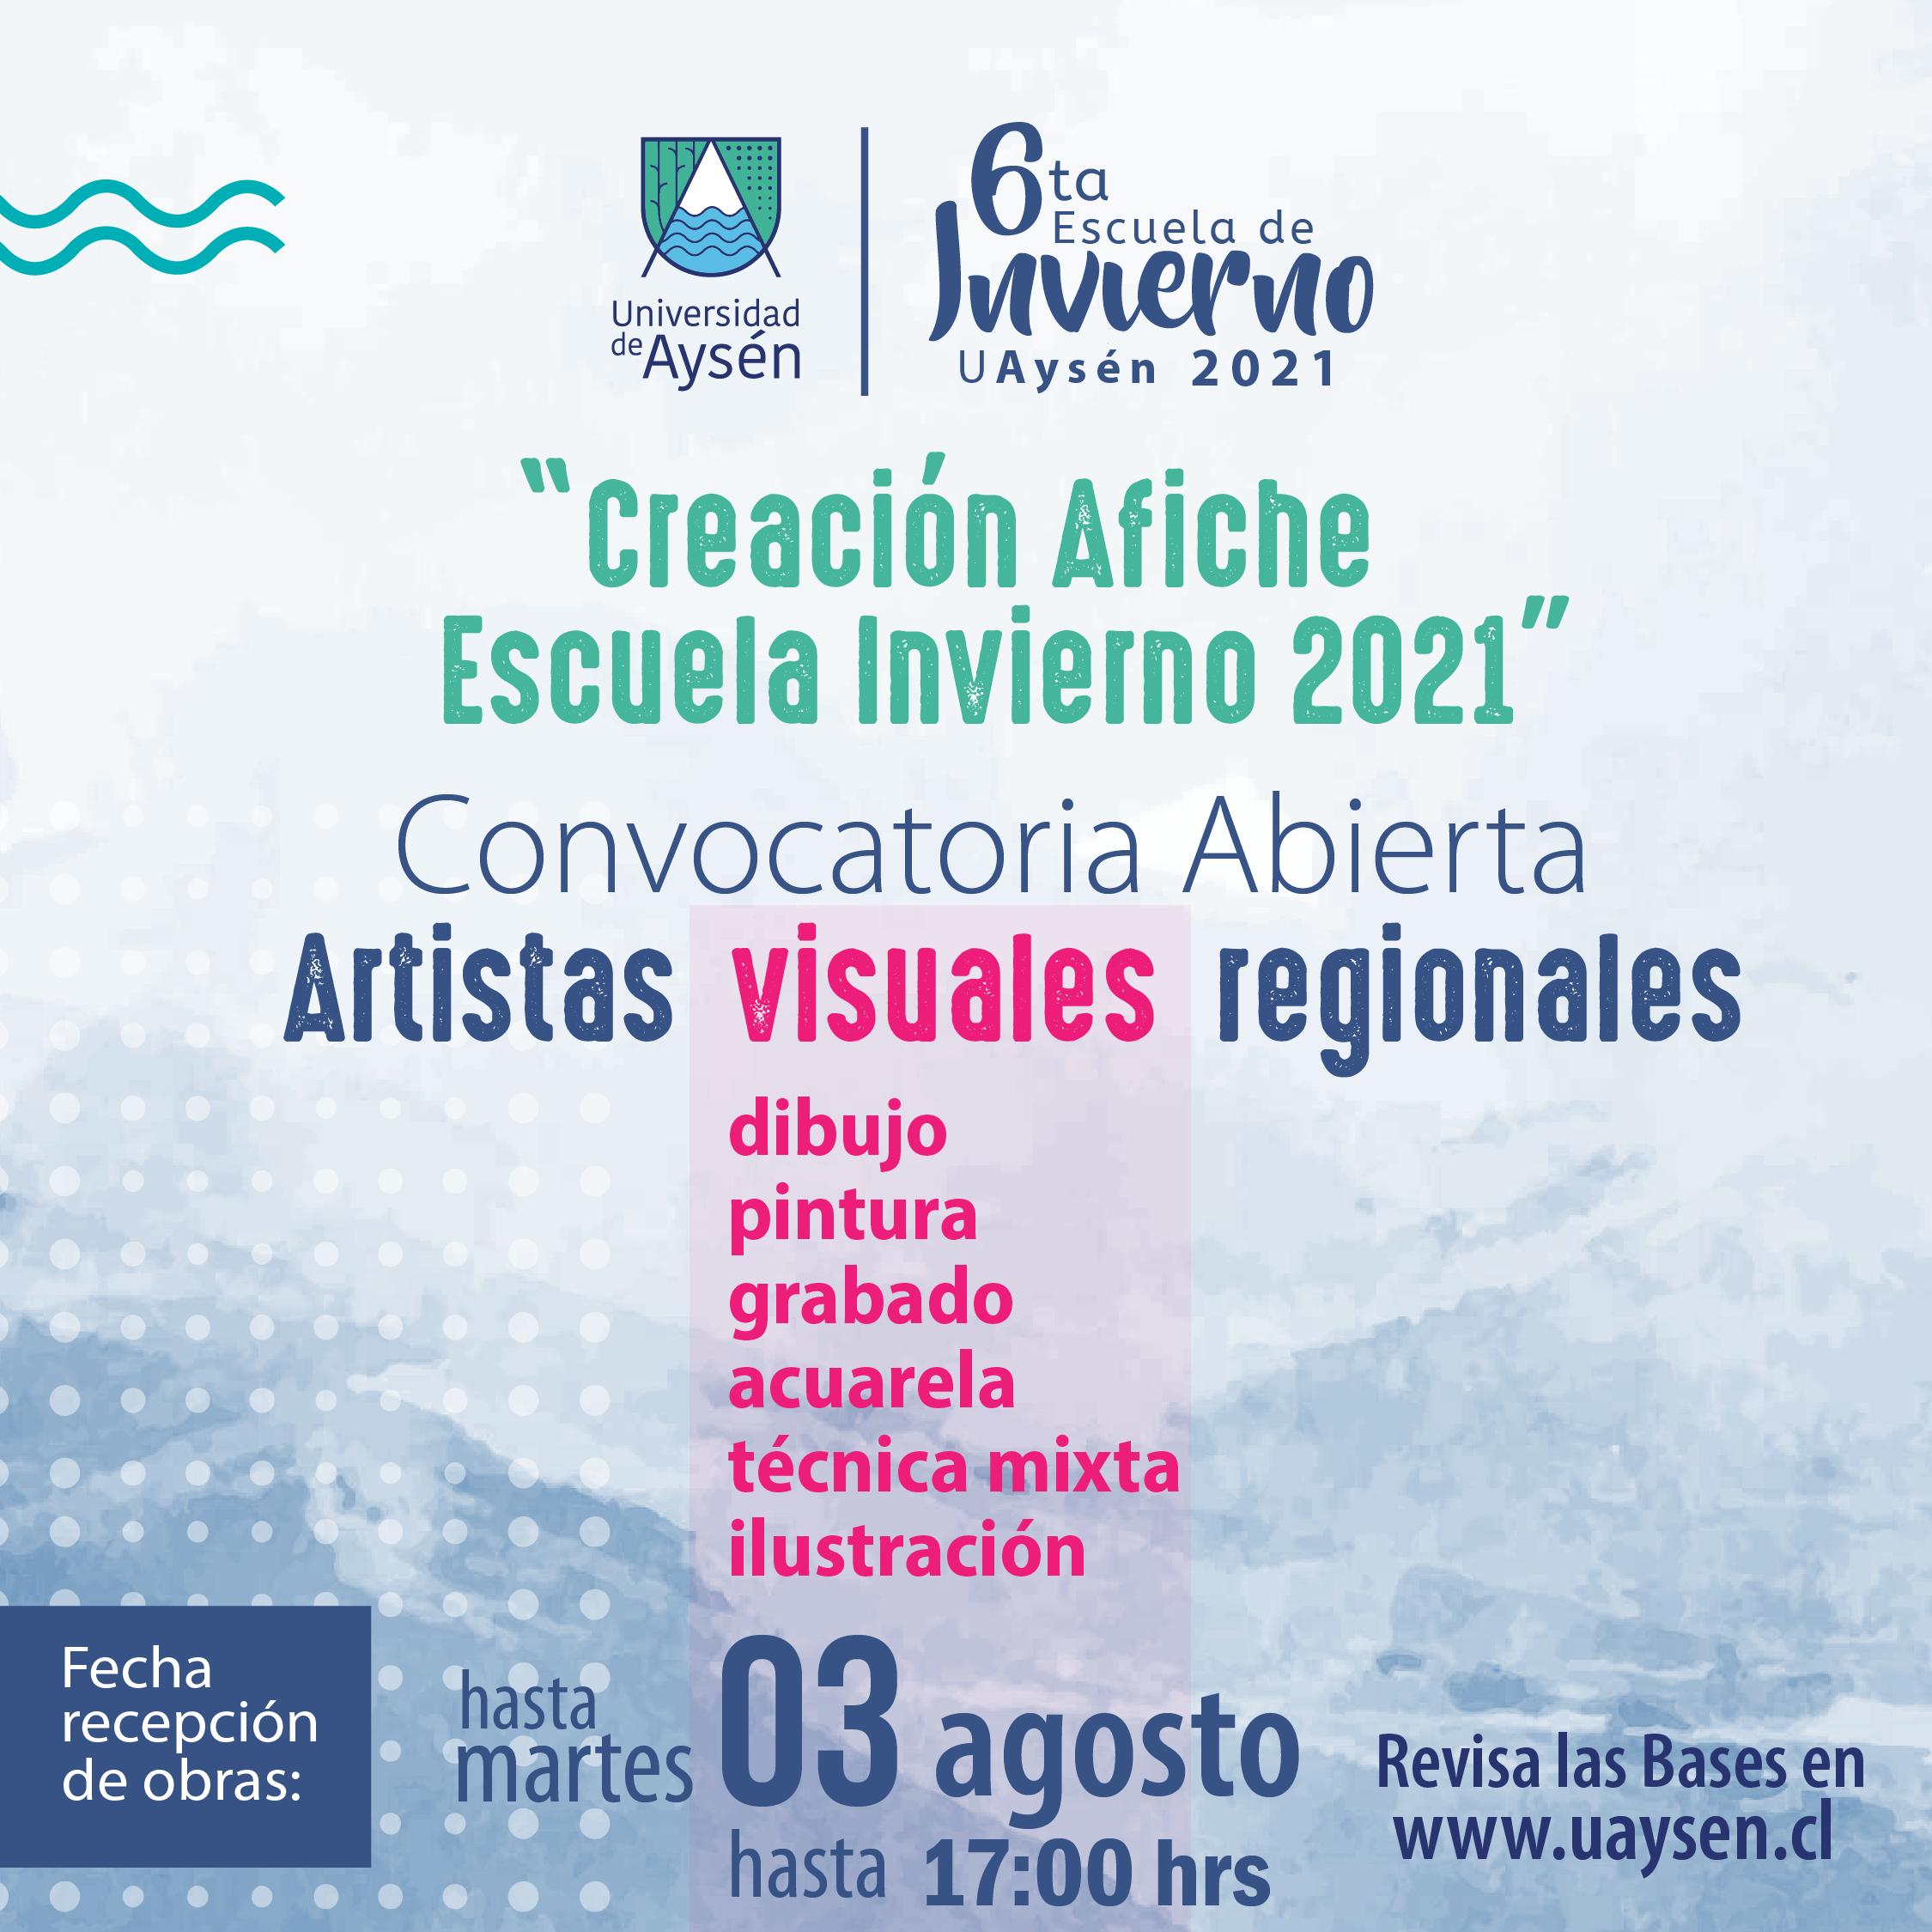 Convocatoria abierta artistas regionales creación afiche escuela de invierno 2021